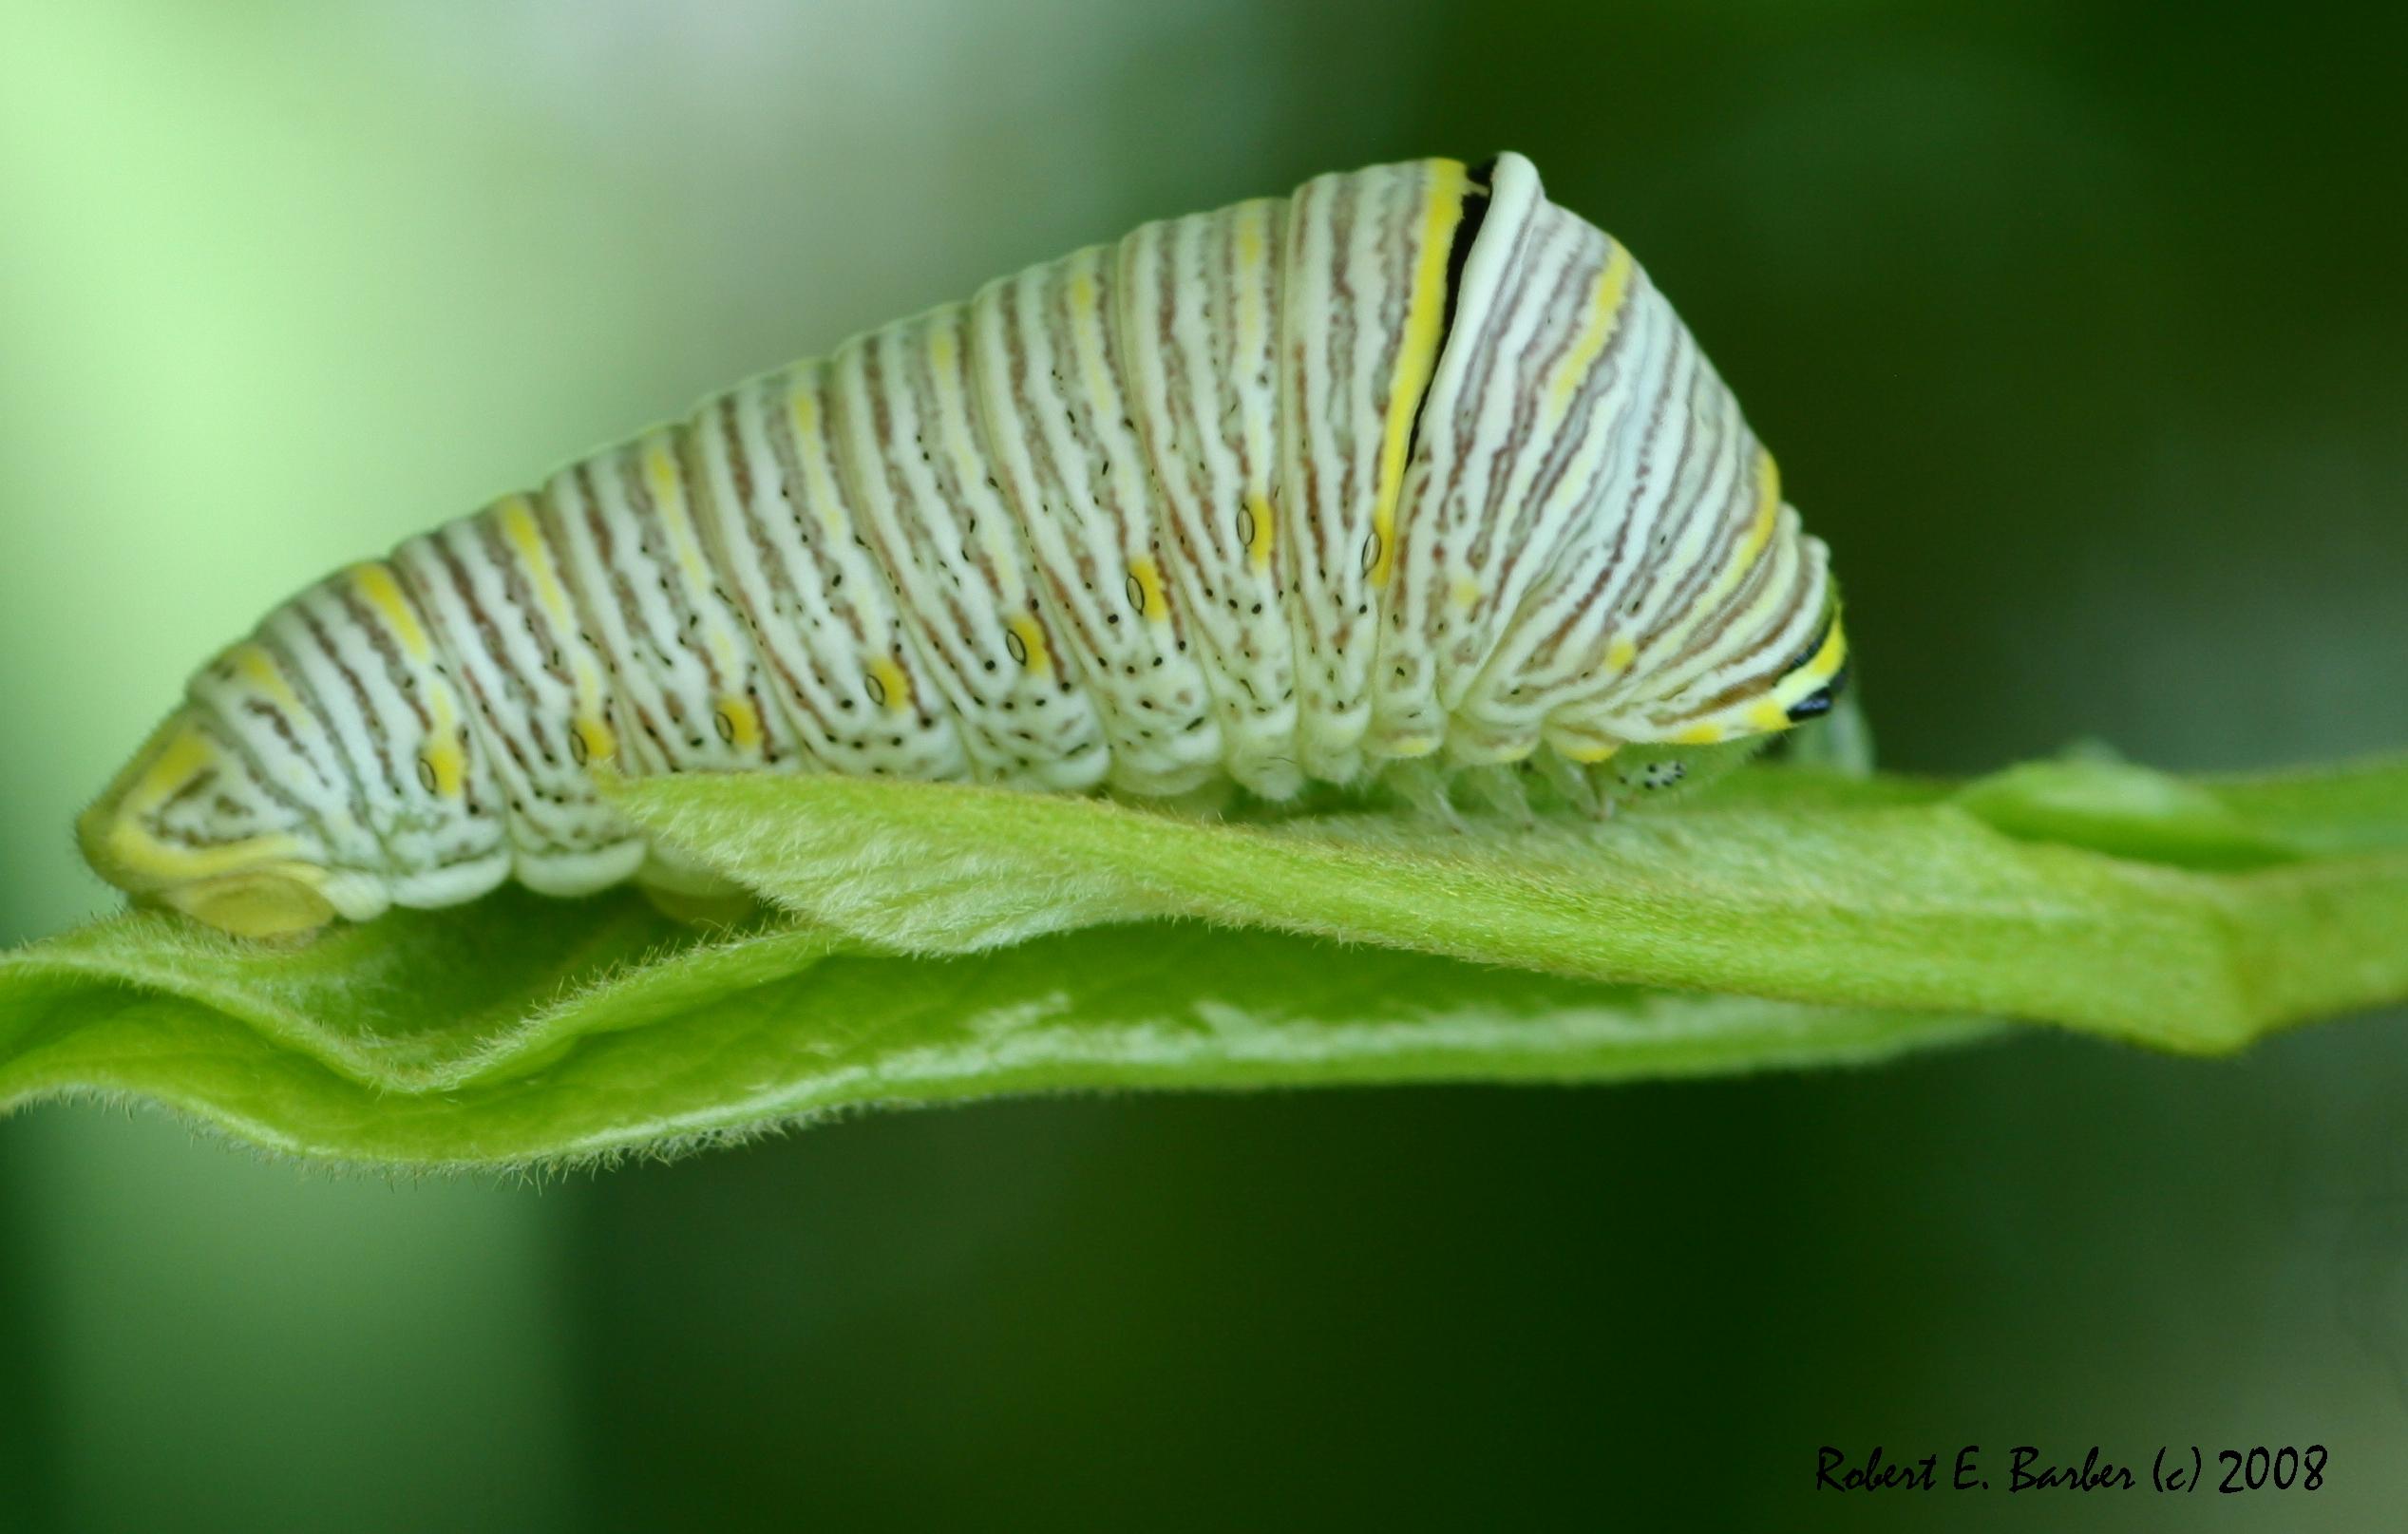 Description Zebra Swallowtail Caterpillar IMG 7664 jpgZebra Swallowtail Caterpillar